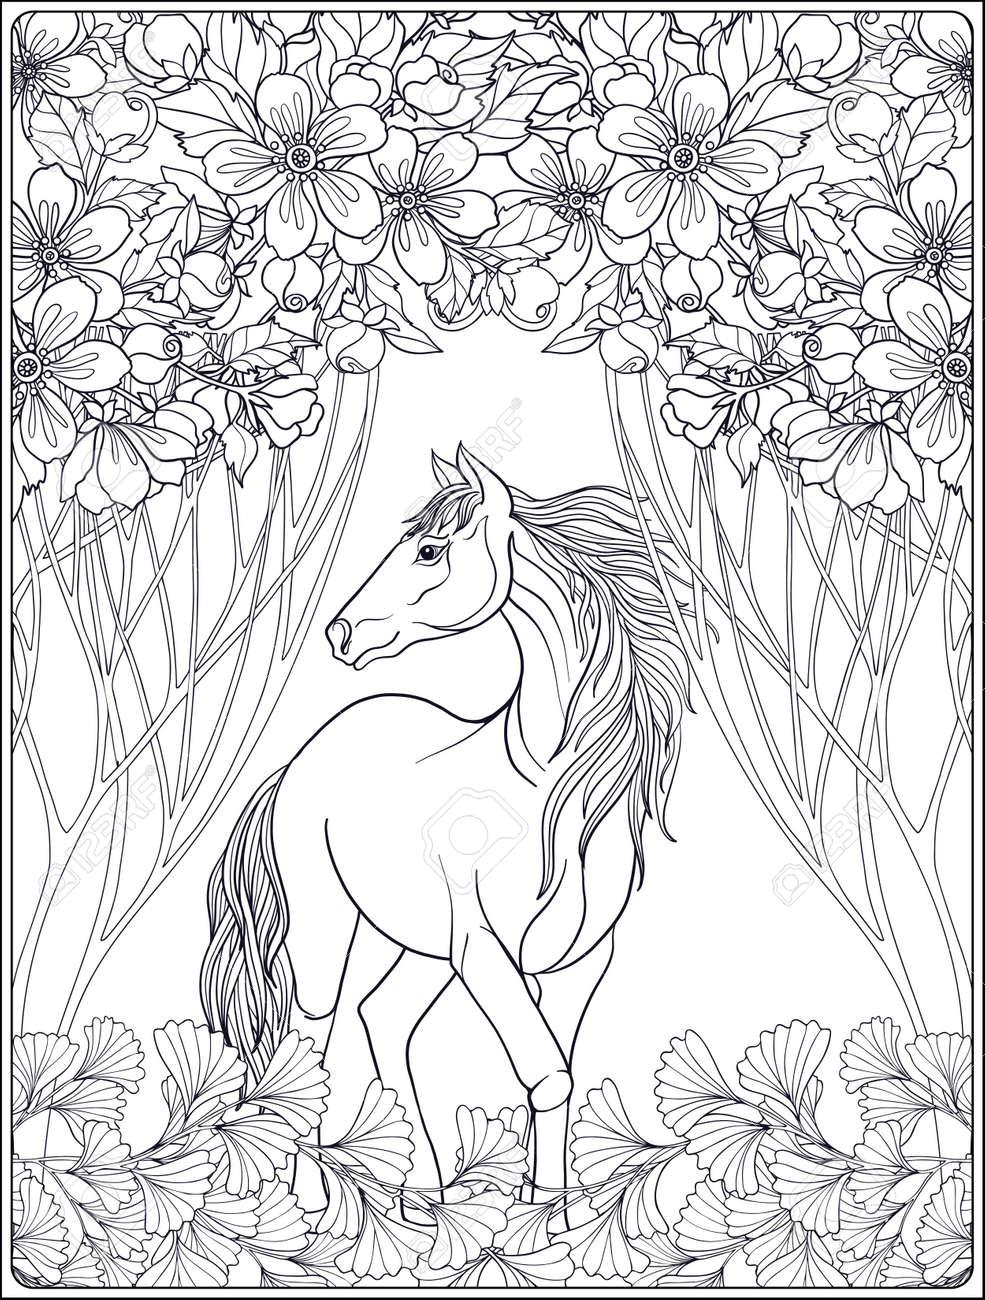 Horse In Garden Vector Illustration Coloring Book For Adult And Older Children Outline